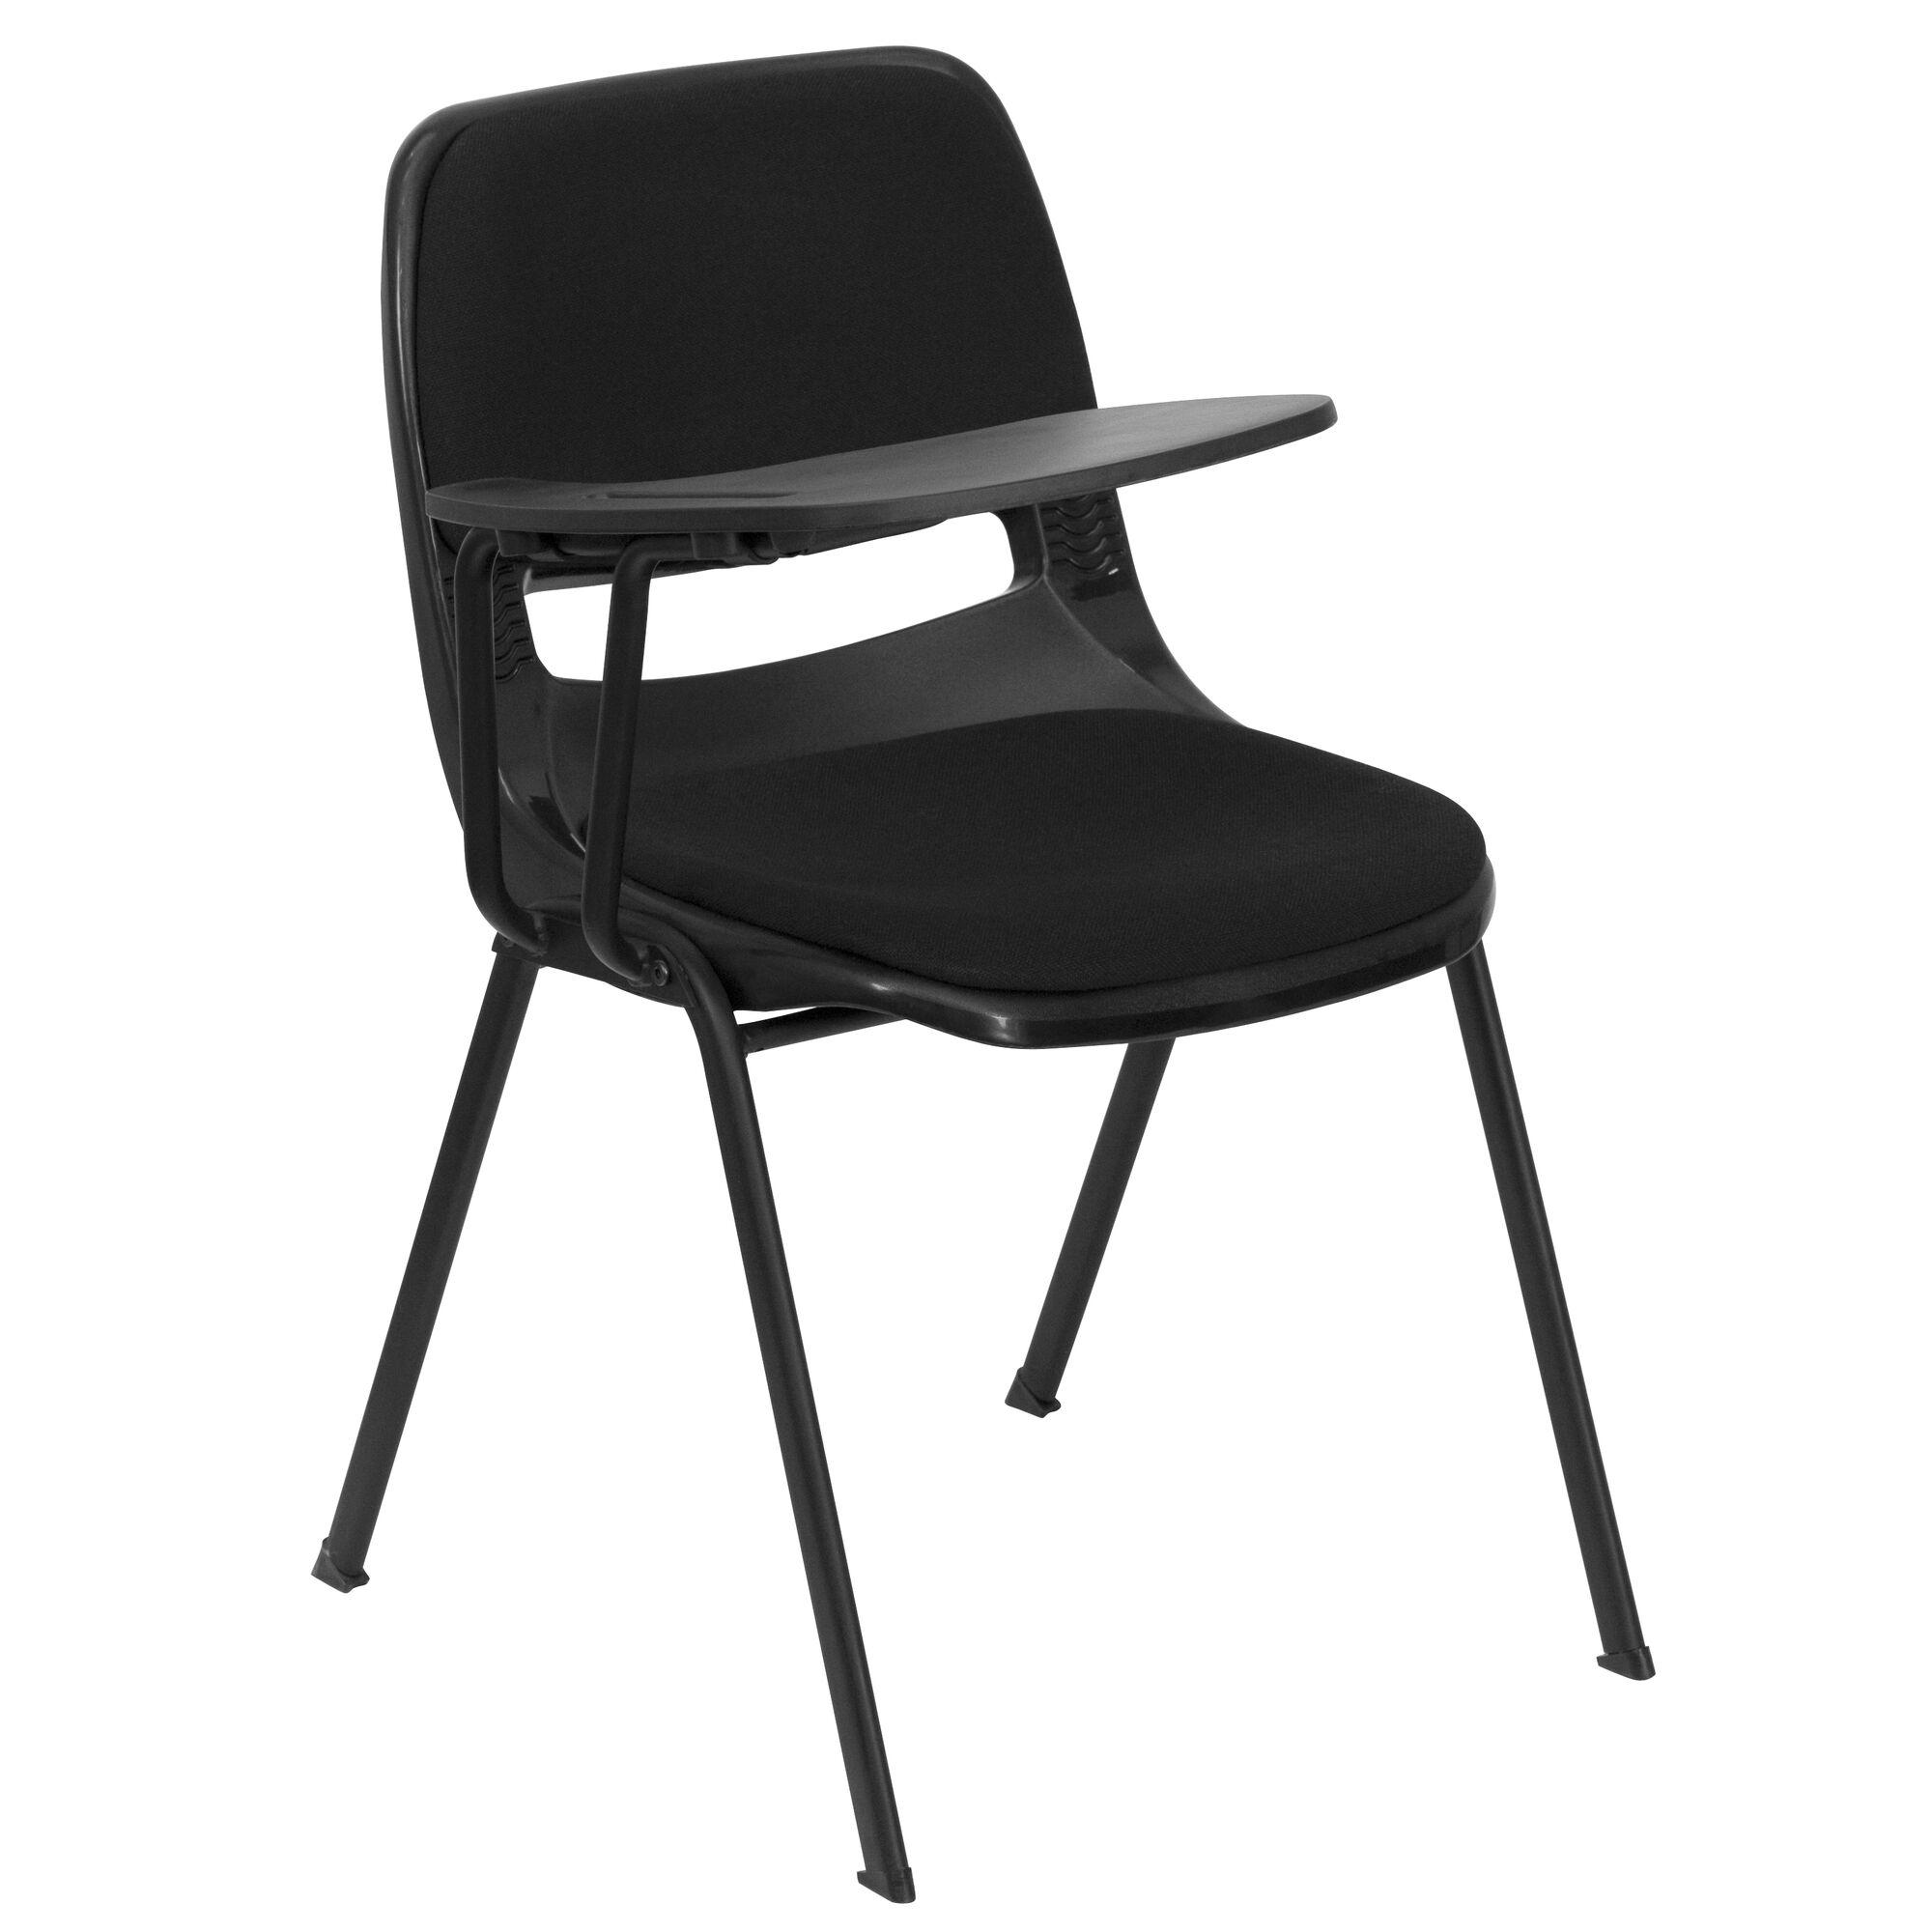 Pleasing Chair With Desk Arm Philippines Arm Designs Interior Design Ideas Clesiryabchikinfo